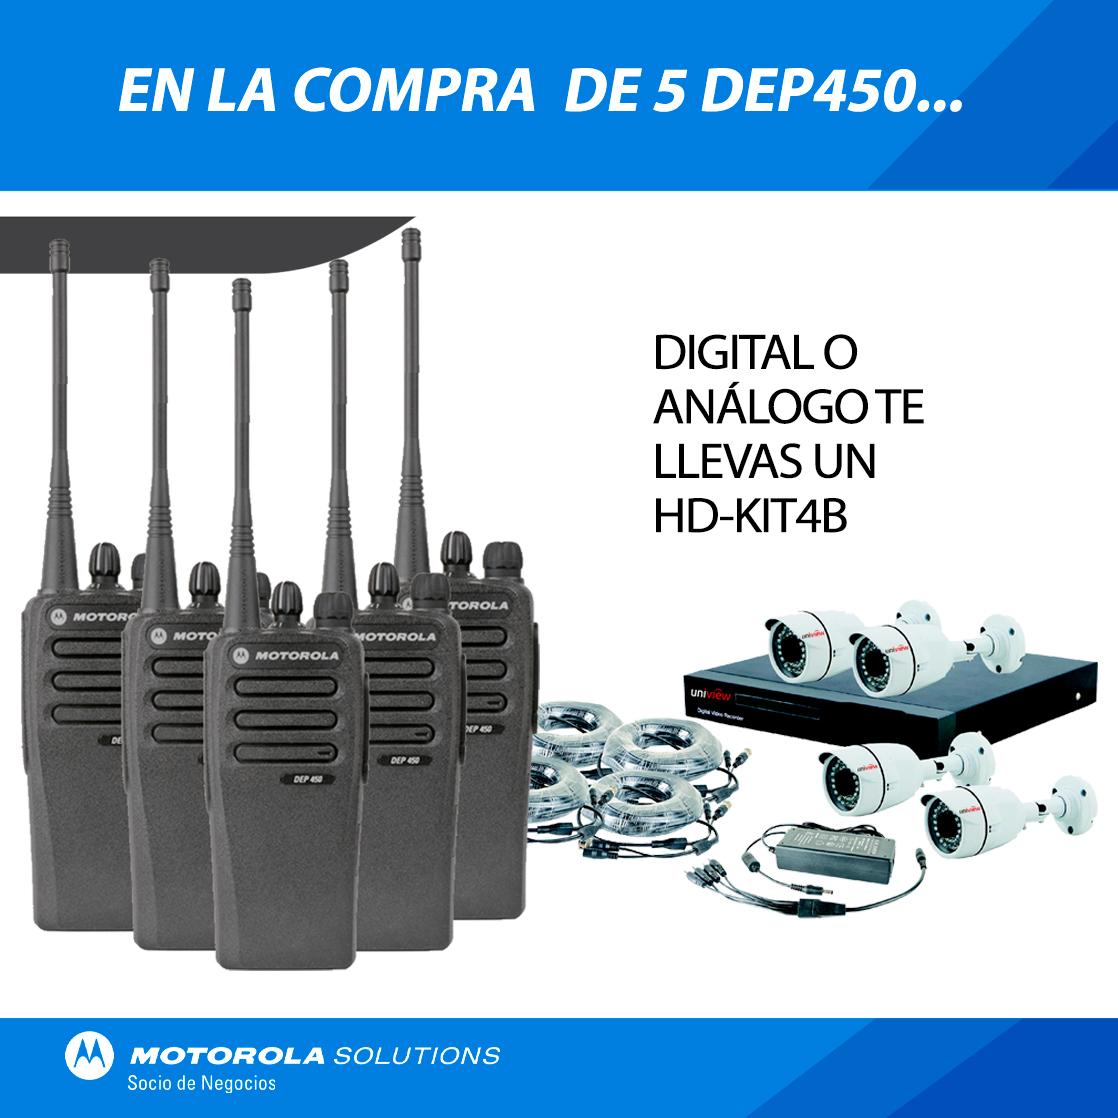 5 DEP450 CON KIT CCTV GRATIS